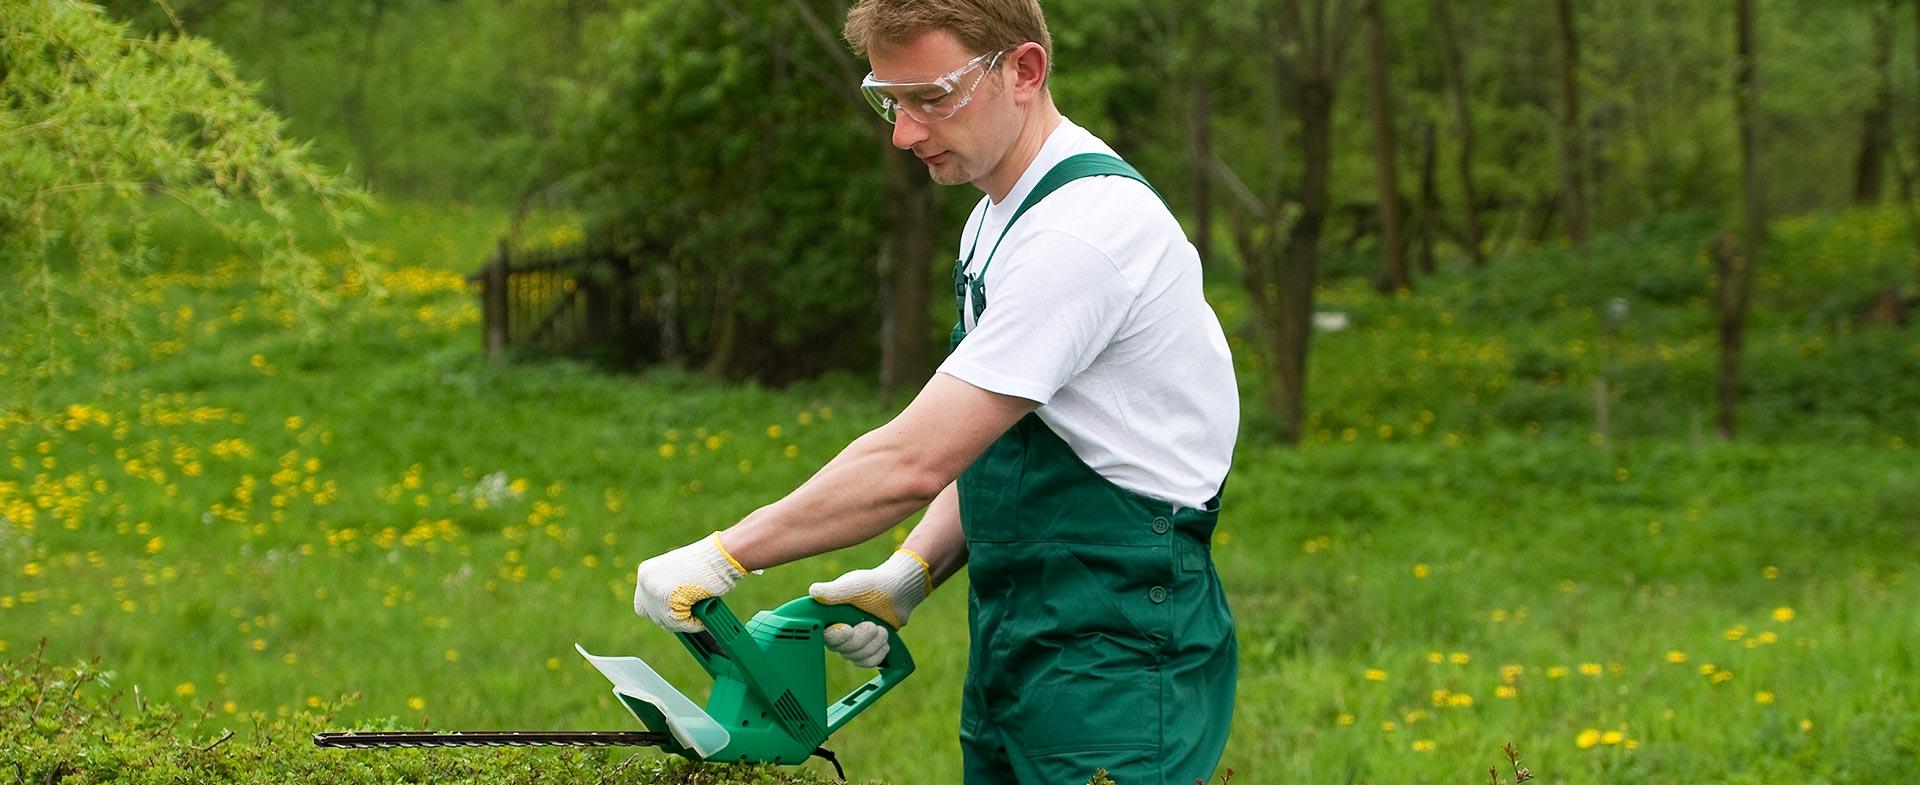 Gardeners Hackney Wick